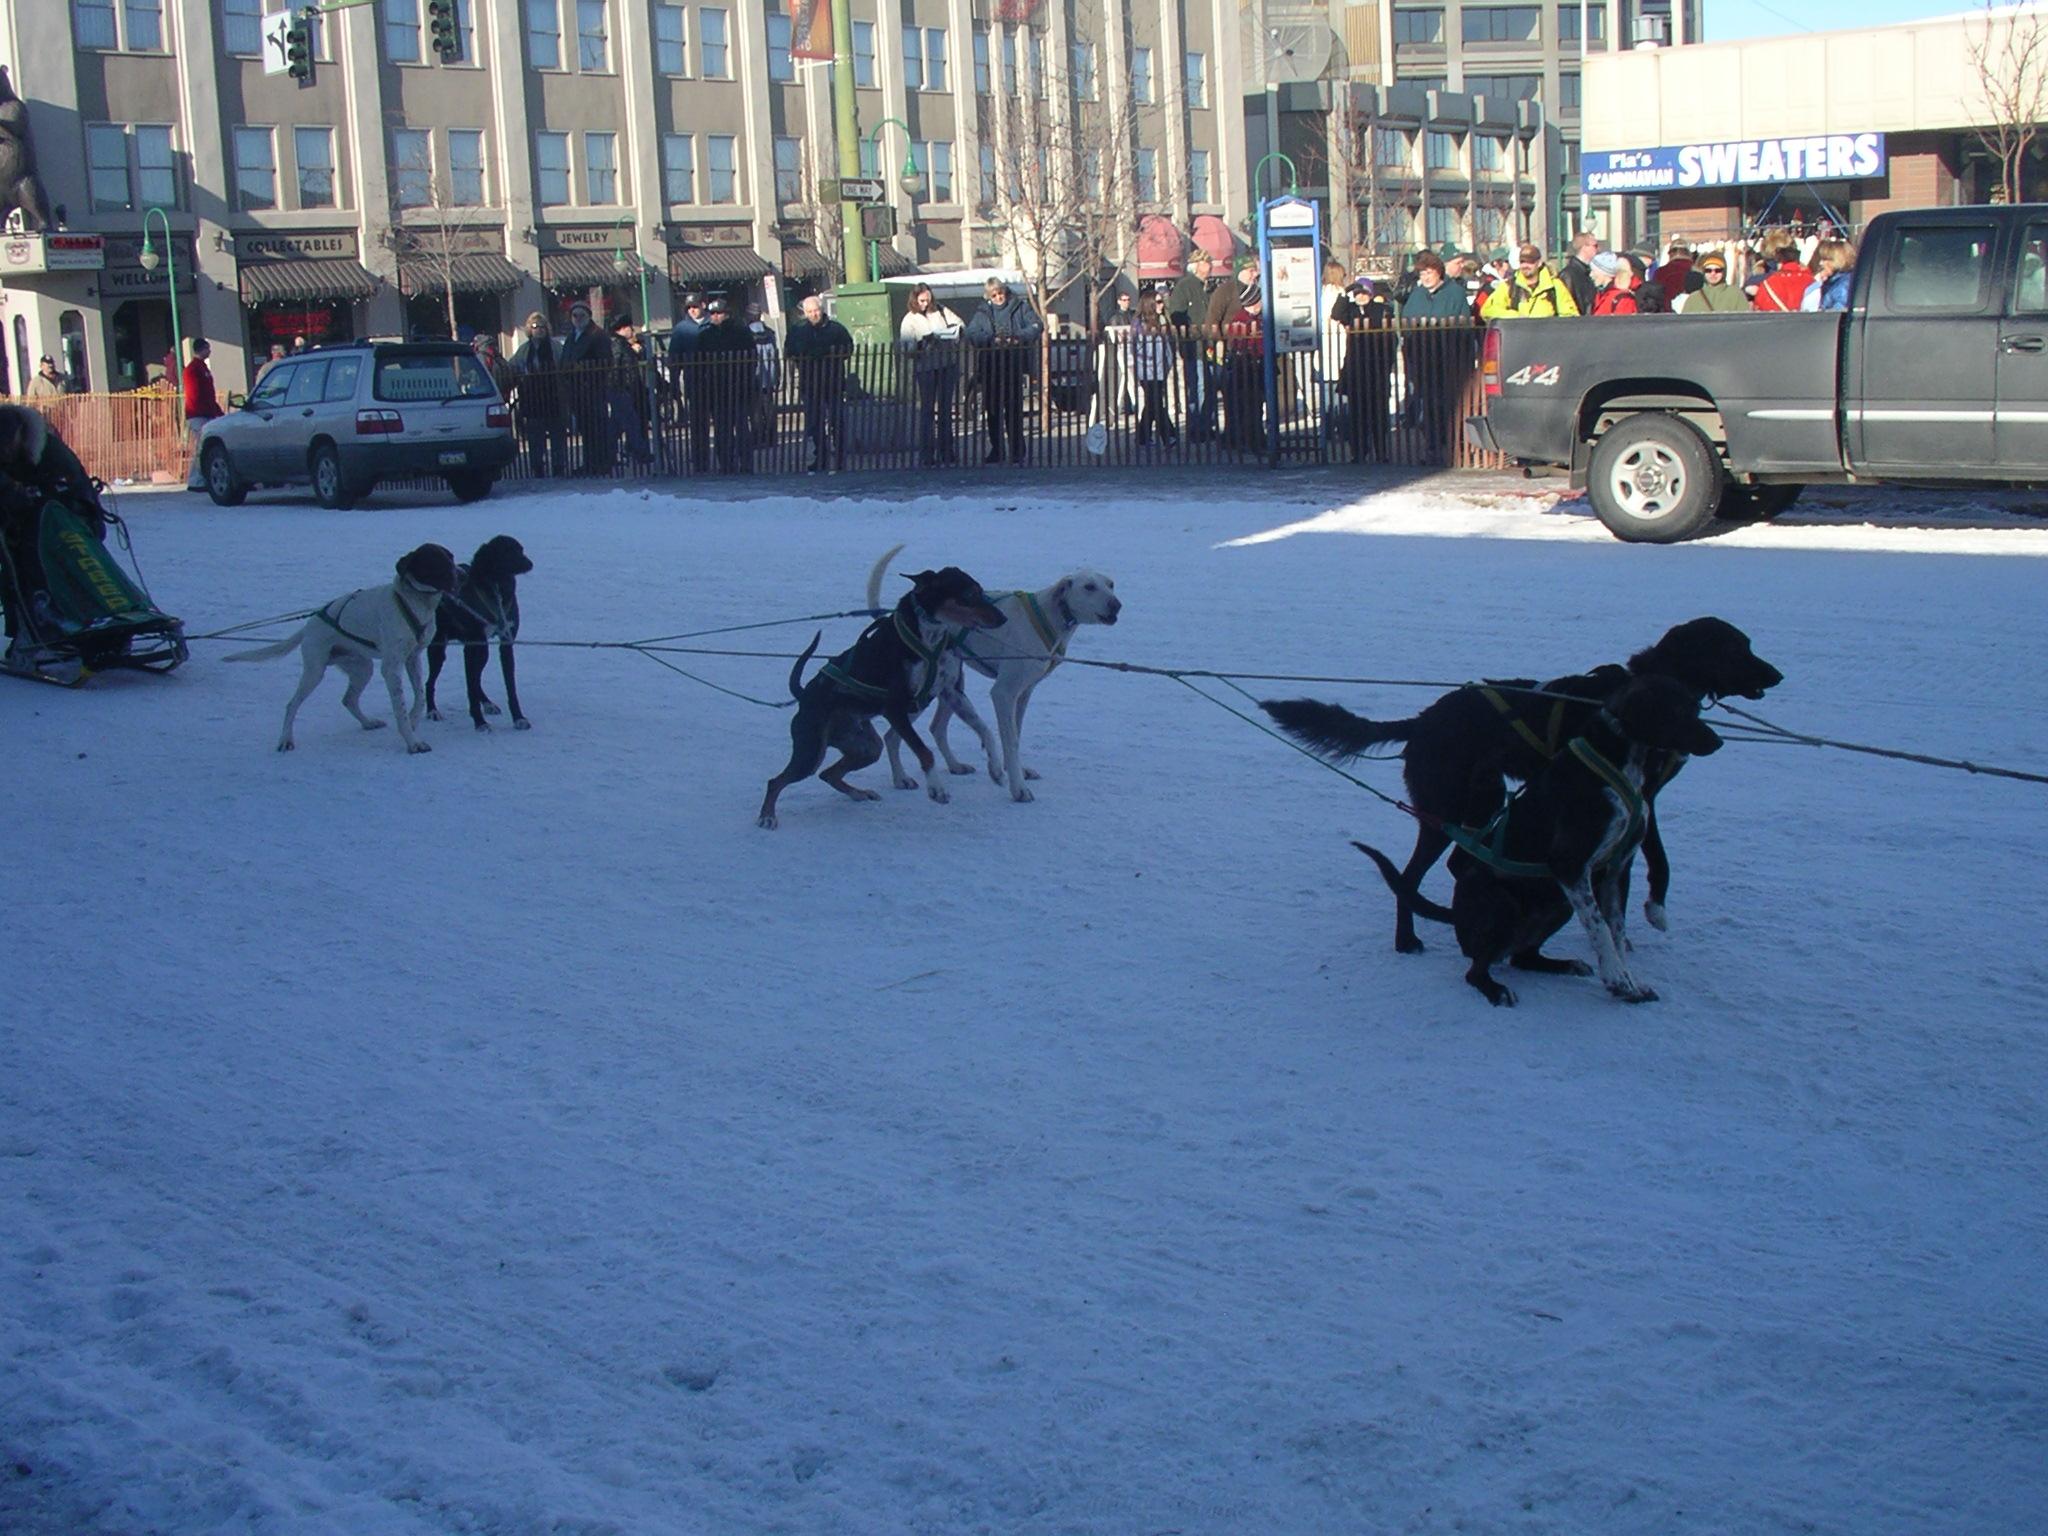 Ежегодный зимний конкурс в собачьих упряжках в Анкоридже, Аляска